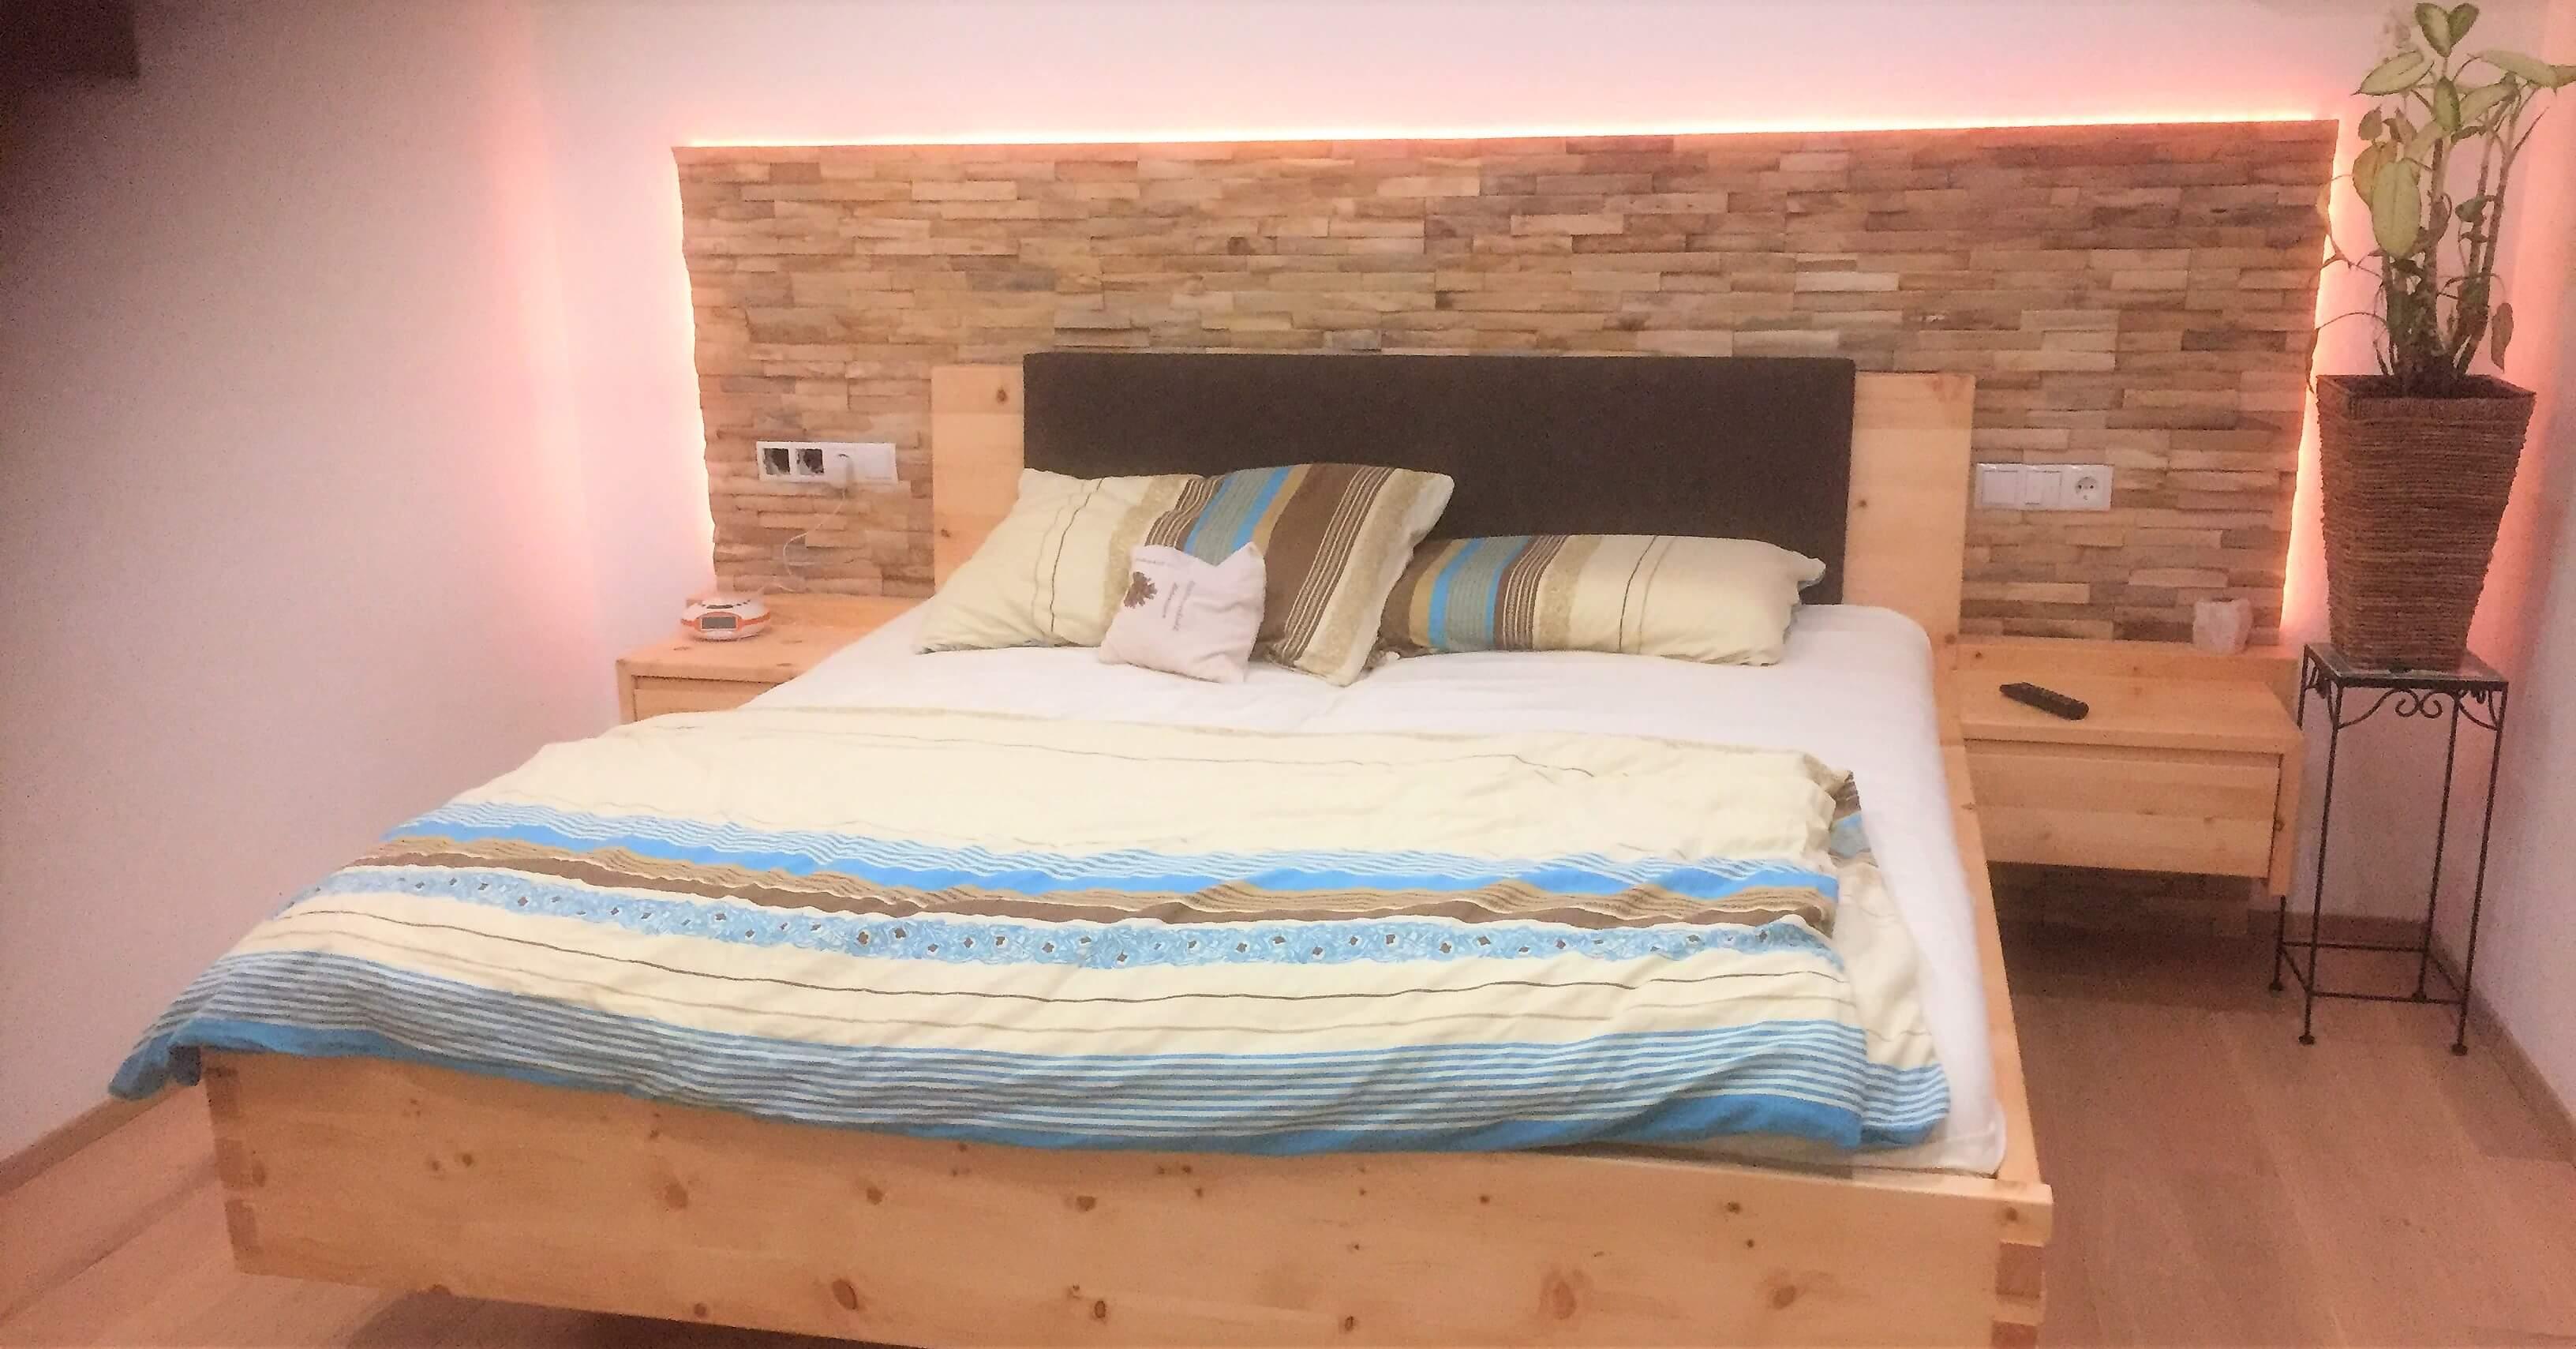 tischlerei hausleitner k chen t ren m bel wohnen mit holz tischlerei in oberwang bei. Black Bedroom Furniture Sets. Home Design Ideas